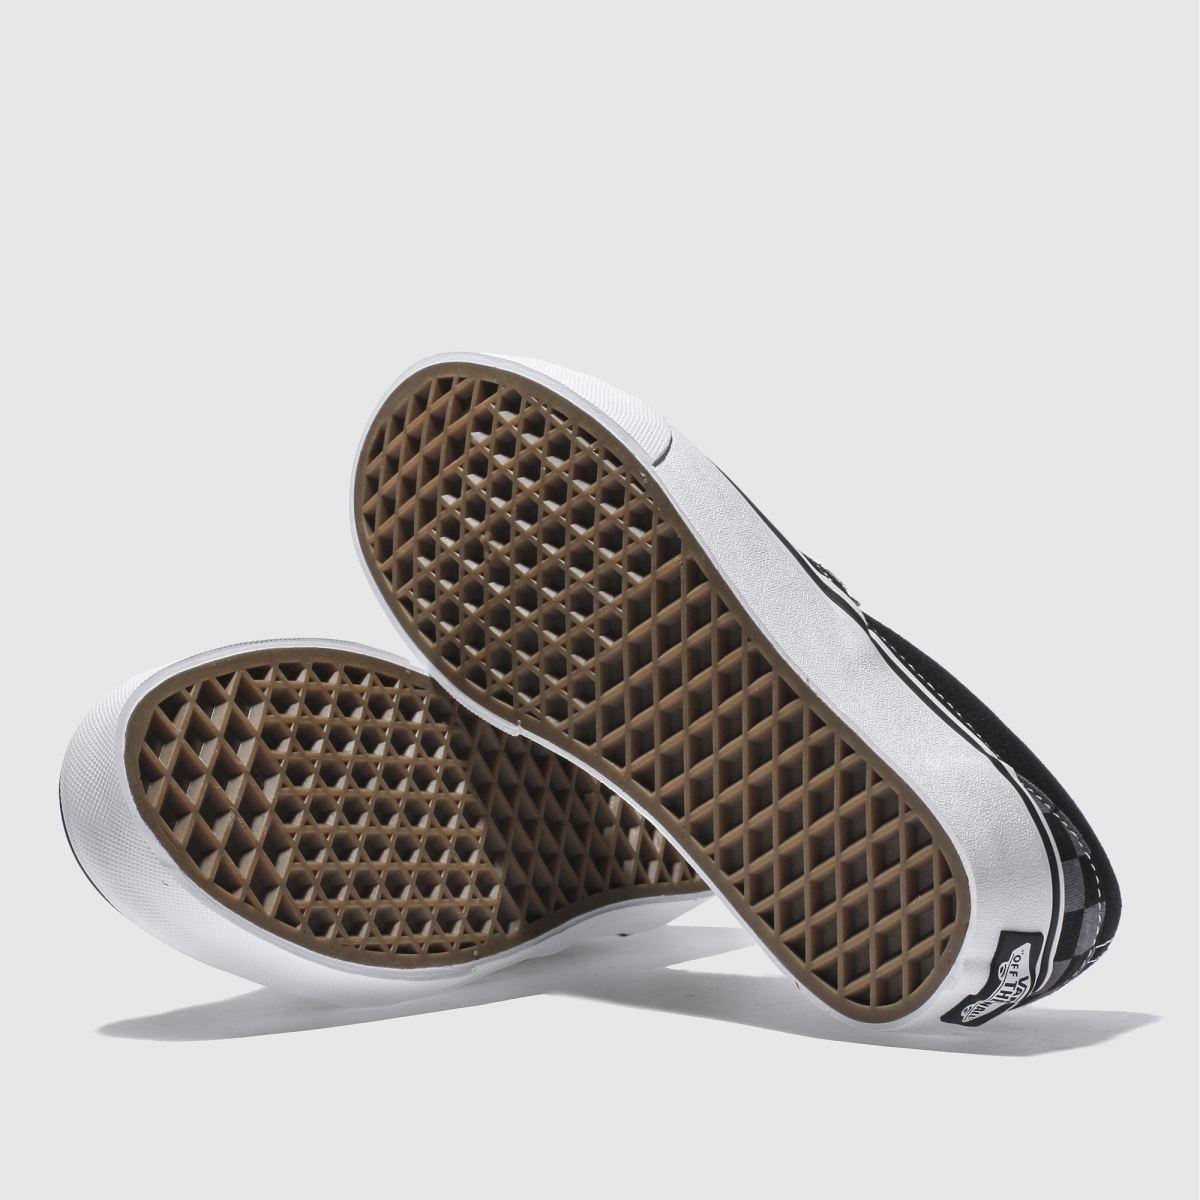 Damen Schwarz-grau vans Qualität Classic Checkerboard Sneaker | schuh Gute Qualität vans beliebte Schuhe d39e02